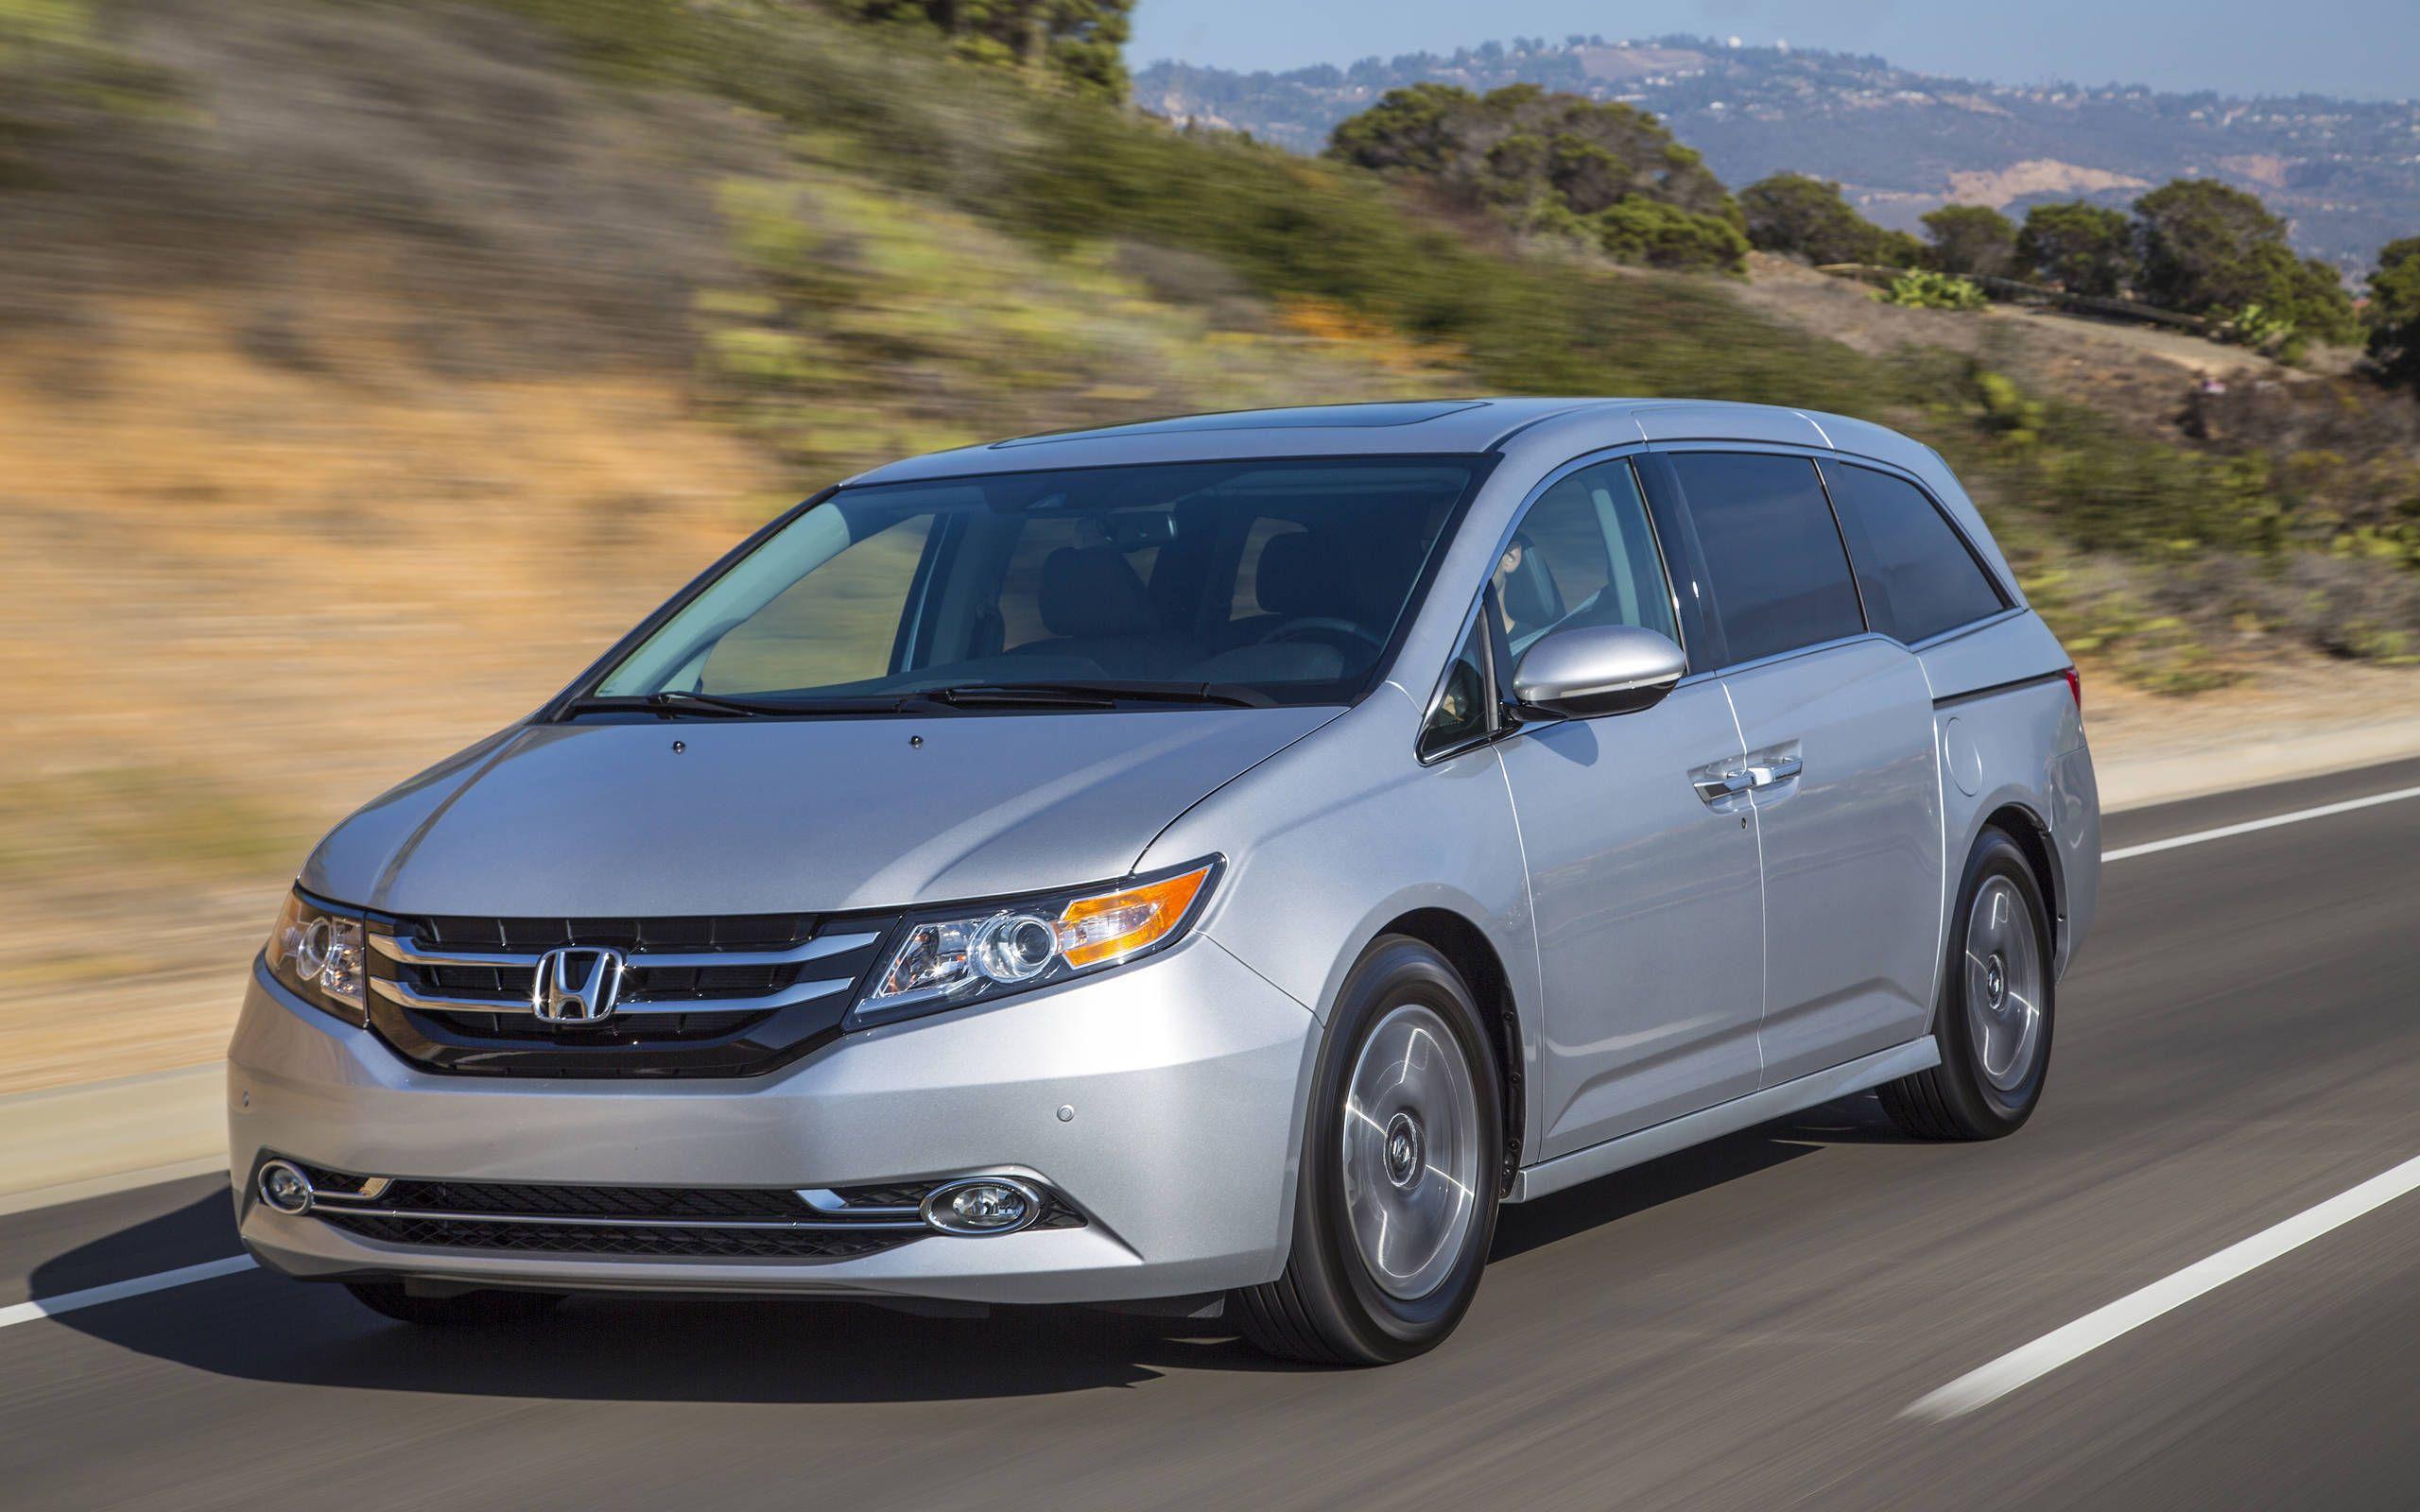 Kelebihan Kekurangan Honda Odyssey 2015 Harga